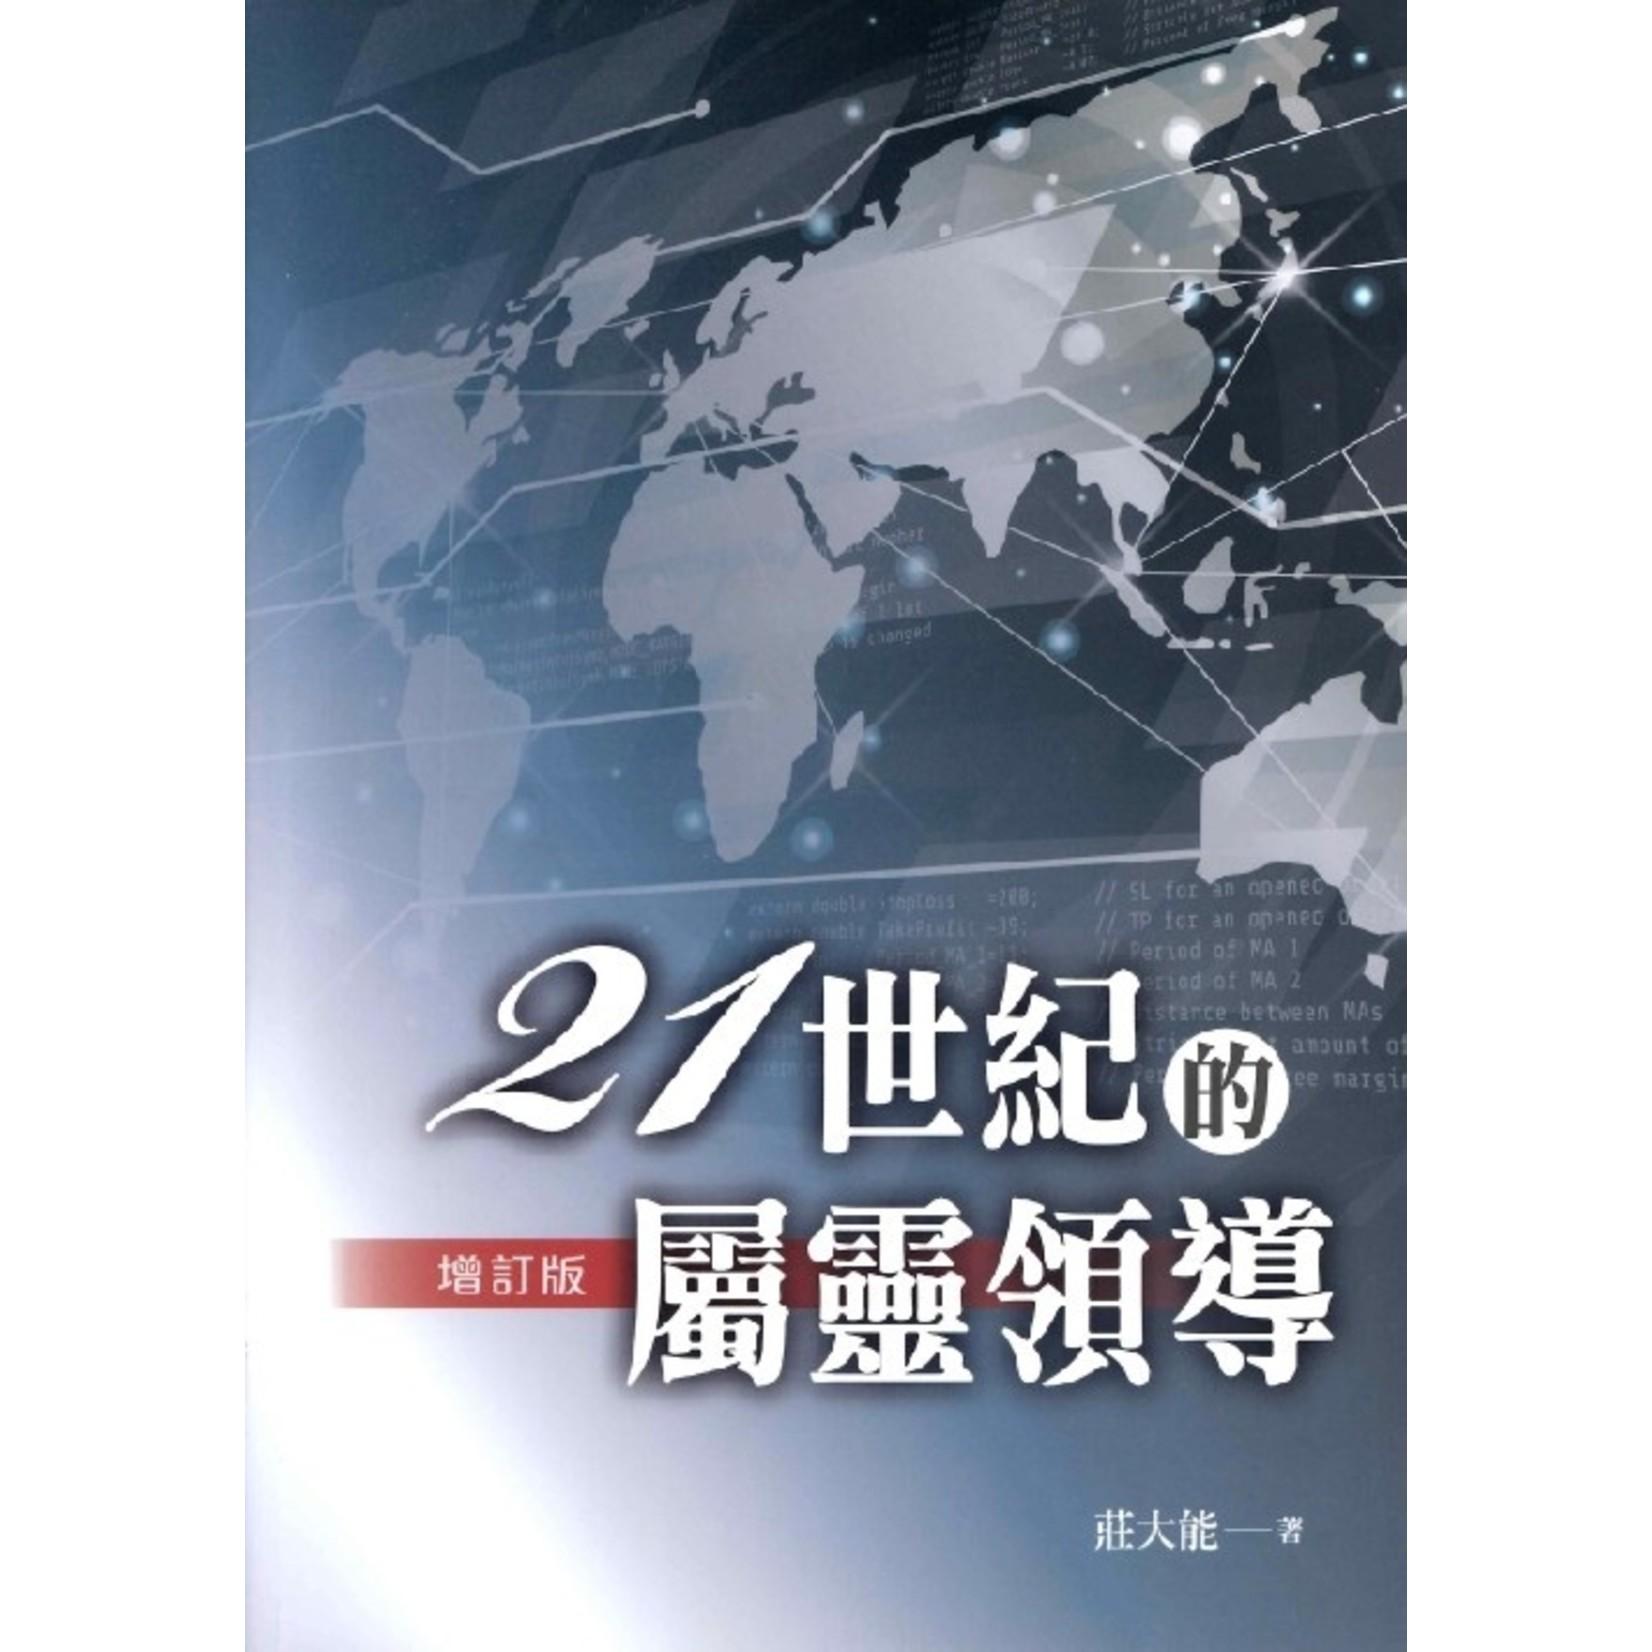 橄欖 Olive Press 21世紀的屬靈領導(增訂版)